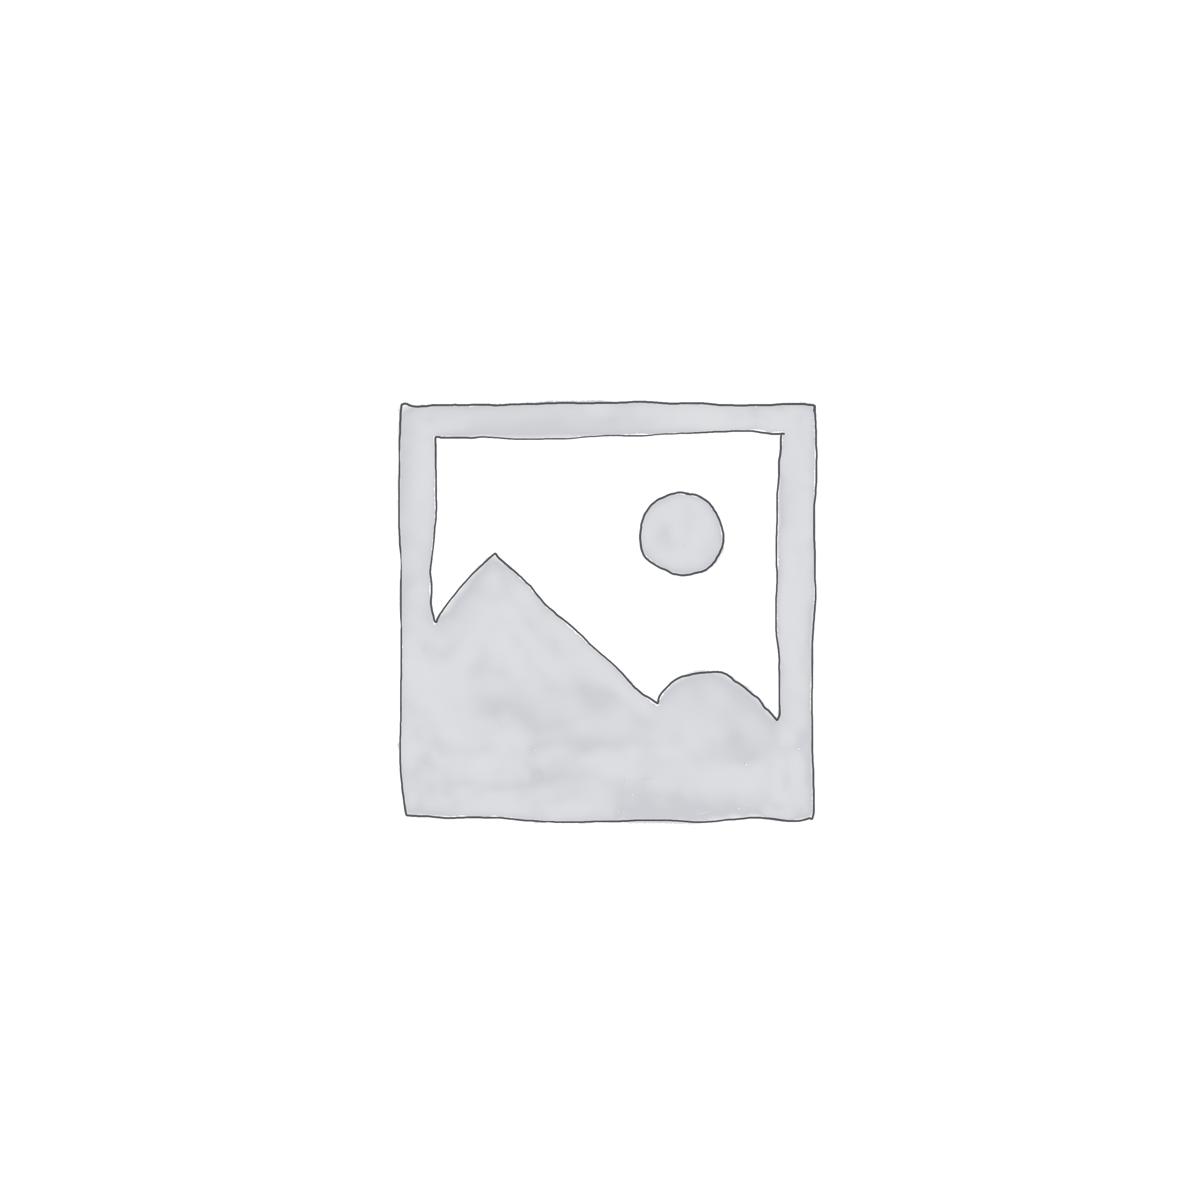 Geometric Lines Wallpaper Mural